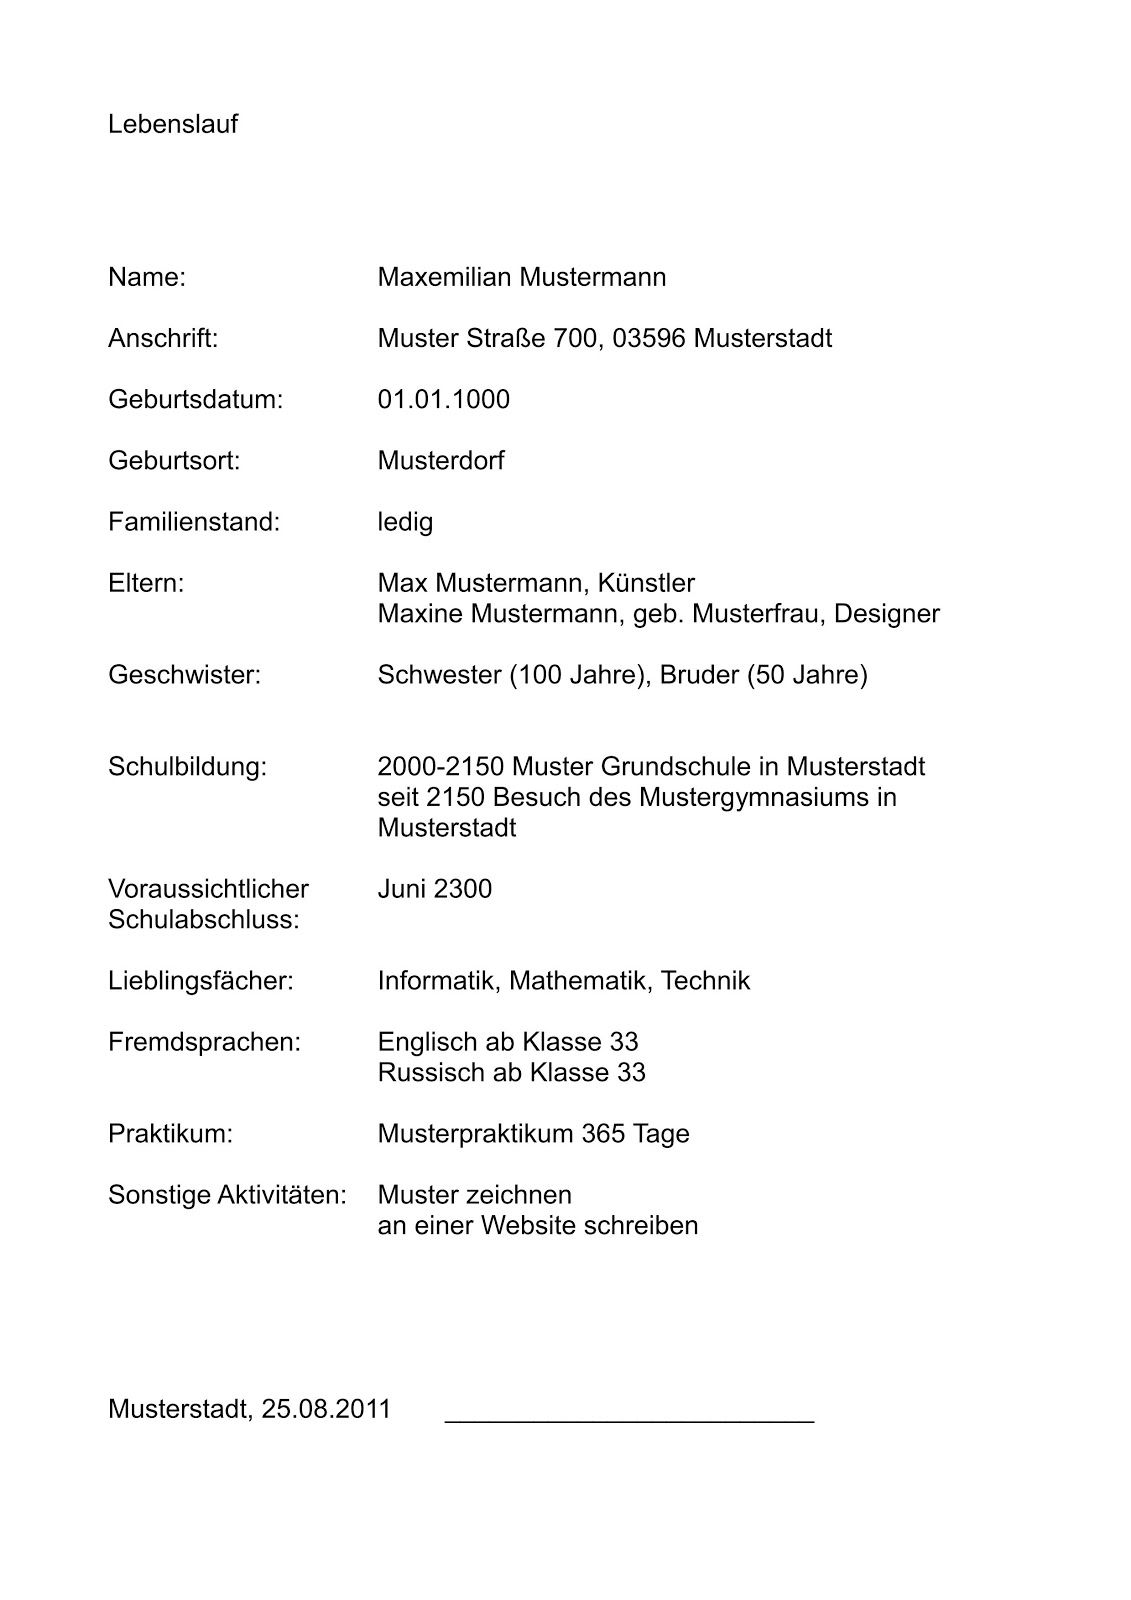 Tolle Ereignisformular Vorlage Fotos - Entry Level Resume Vorlagen ...